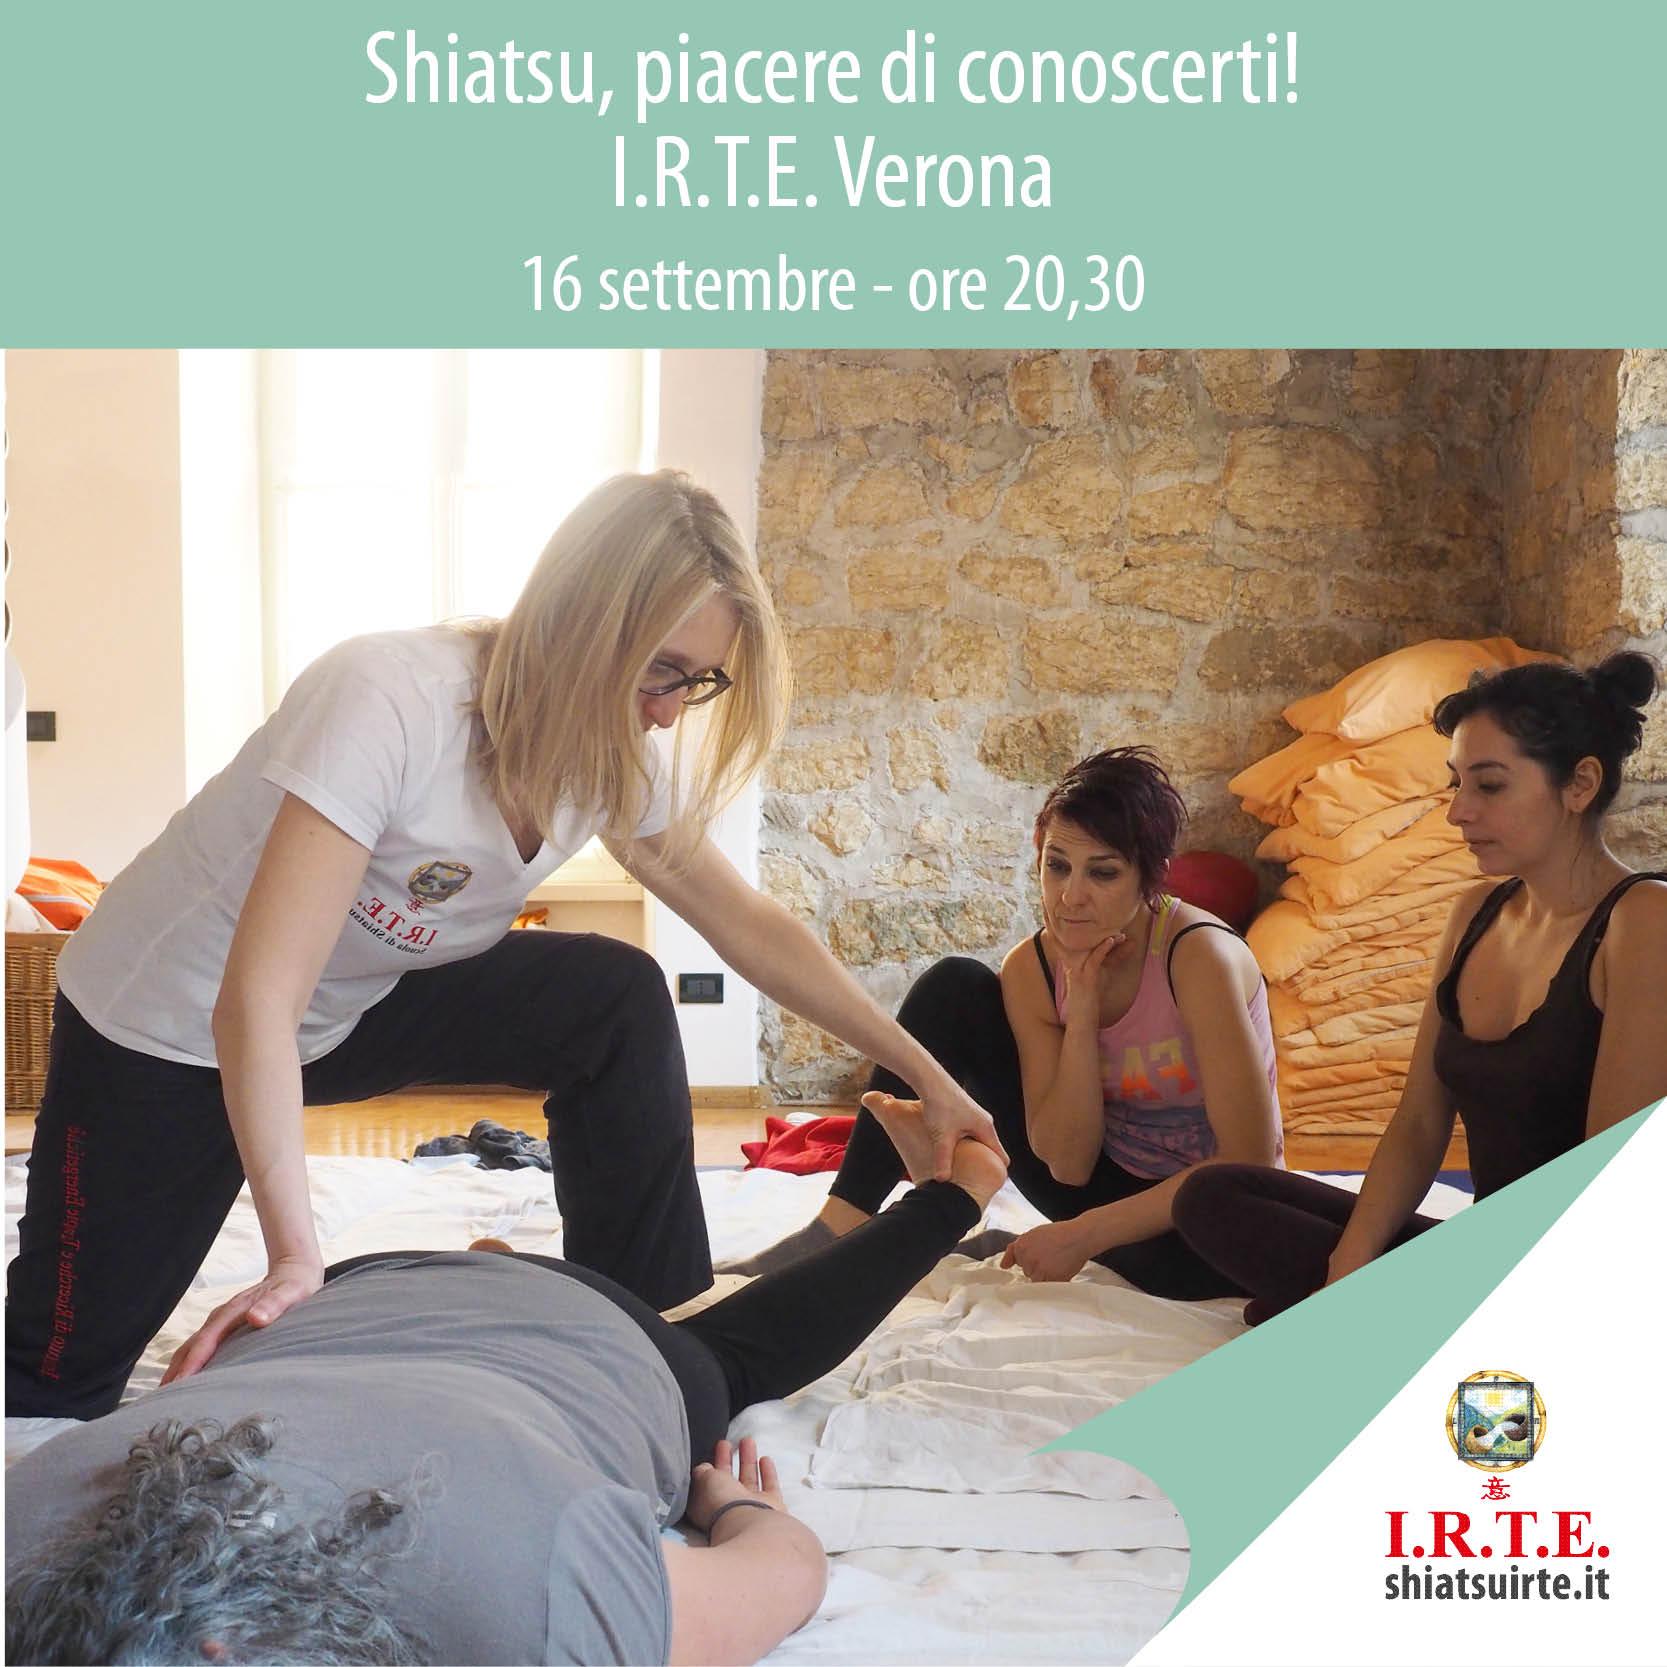 Verona, 16 Settembre 2020 Piacere di conoscerti